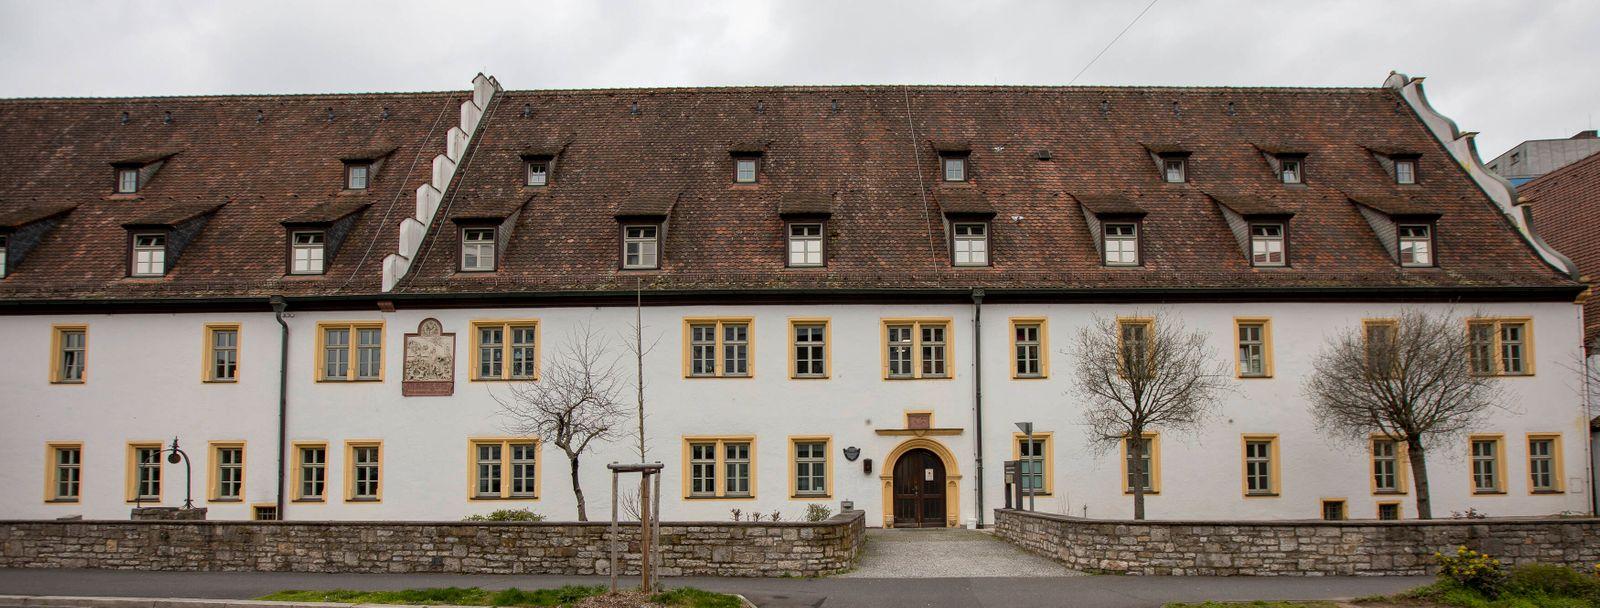 News Bilder des Tages Wuerzburg, Seniorenheim Ehehaltenhaus, 21.03.2020, Neun Corona-Tote in im Würzburger Seniorenheim